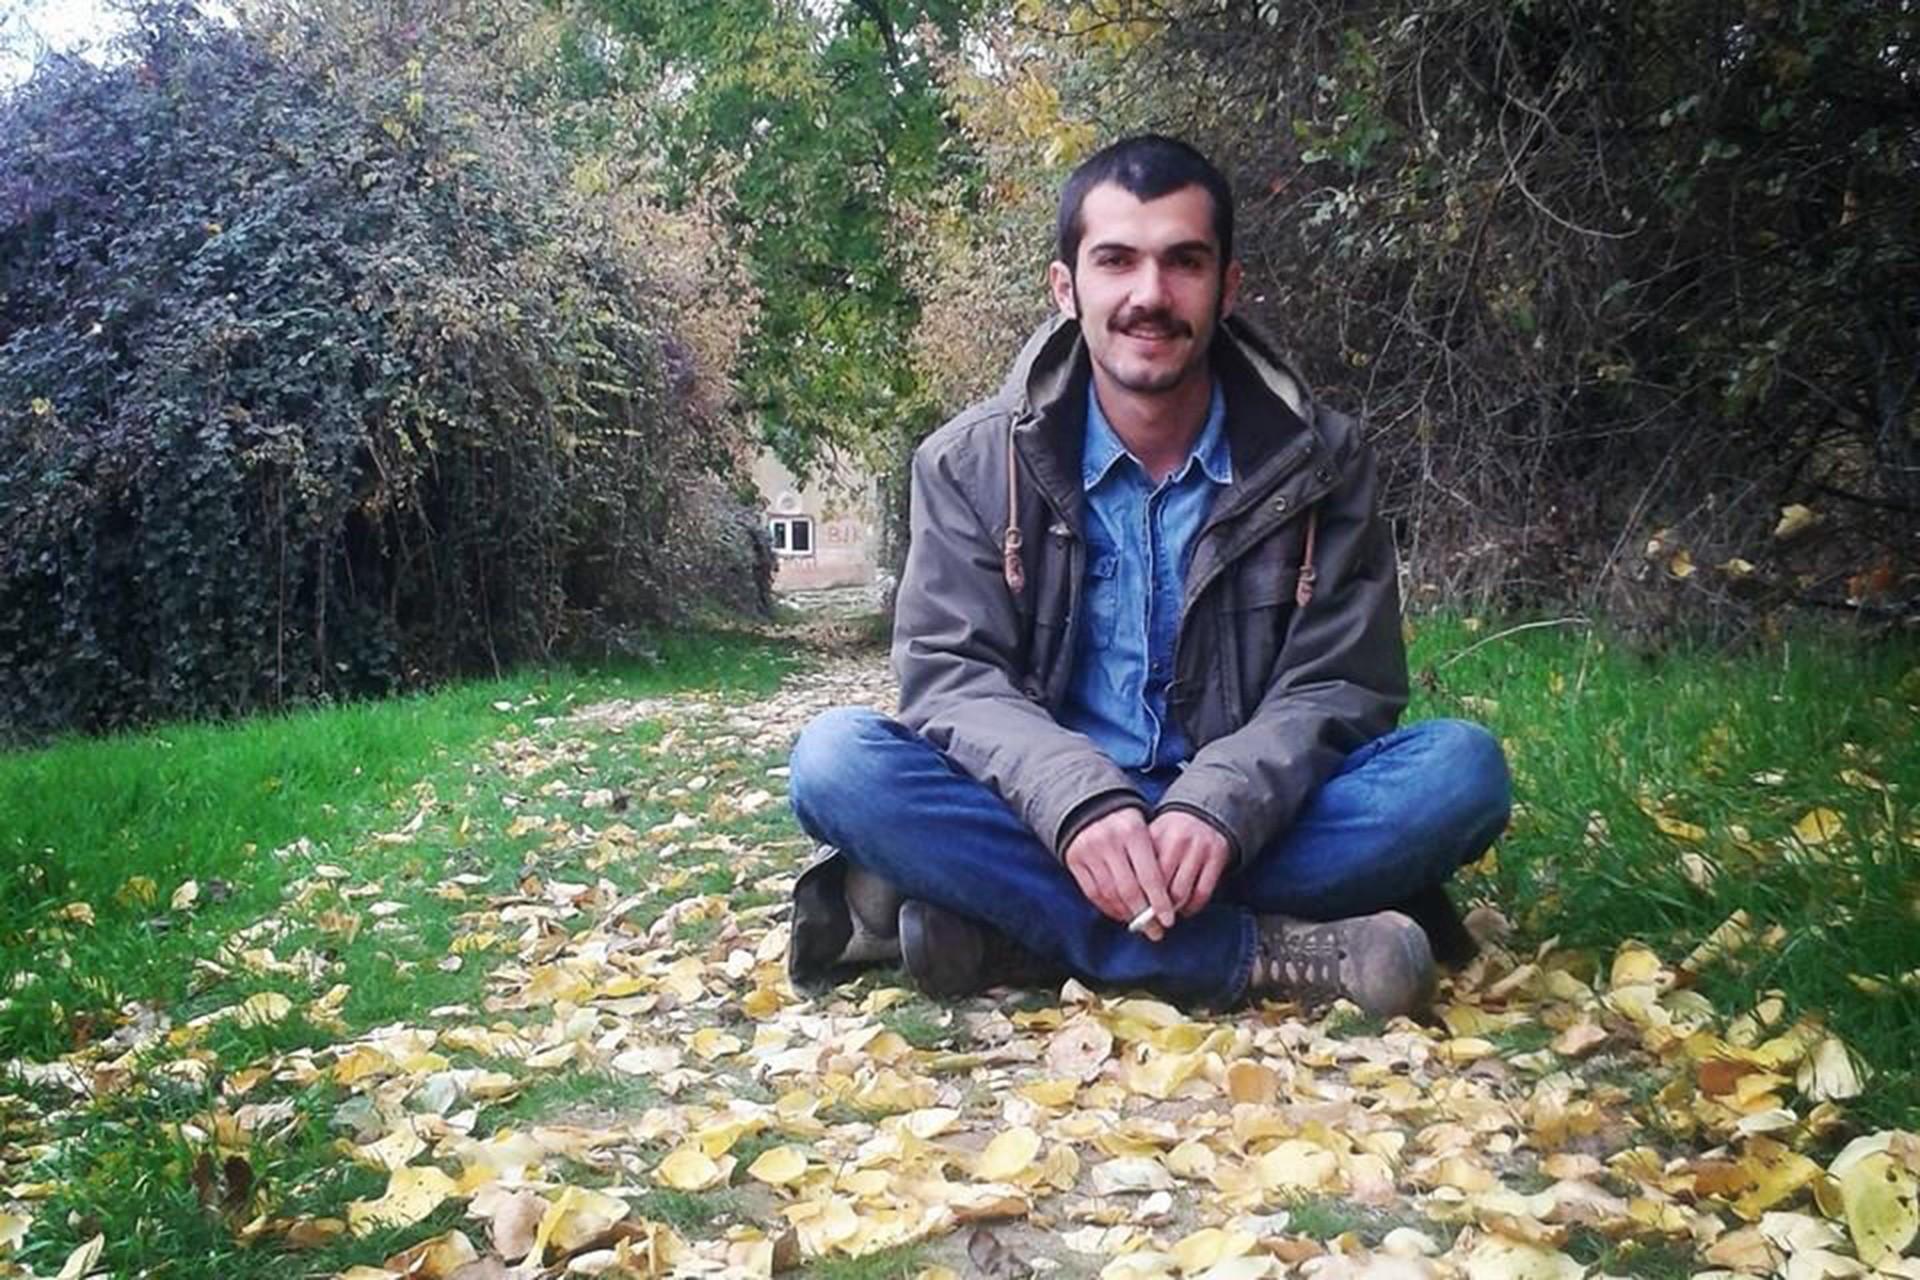 Gizli tanık teşhis edemedi ama üniversiteli Baran Barış Korkmaz 59 yıl ceza aldı